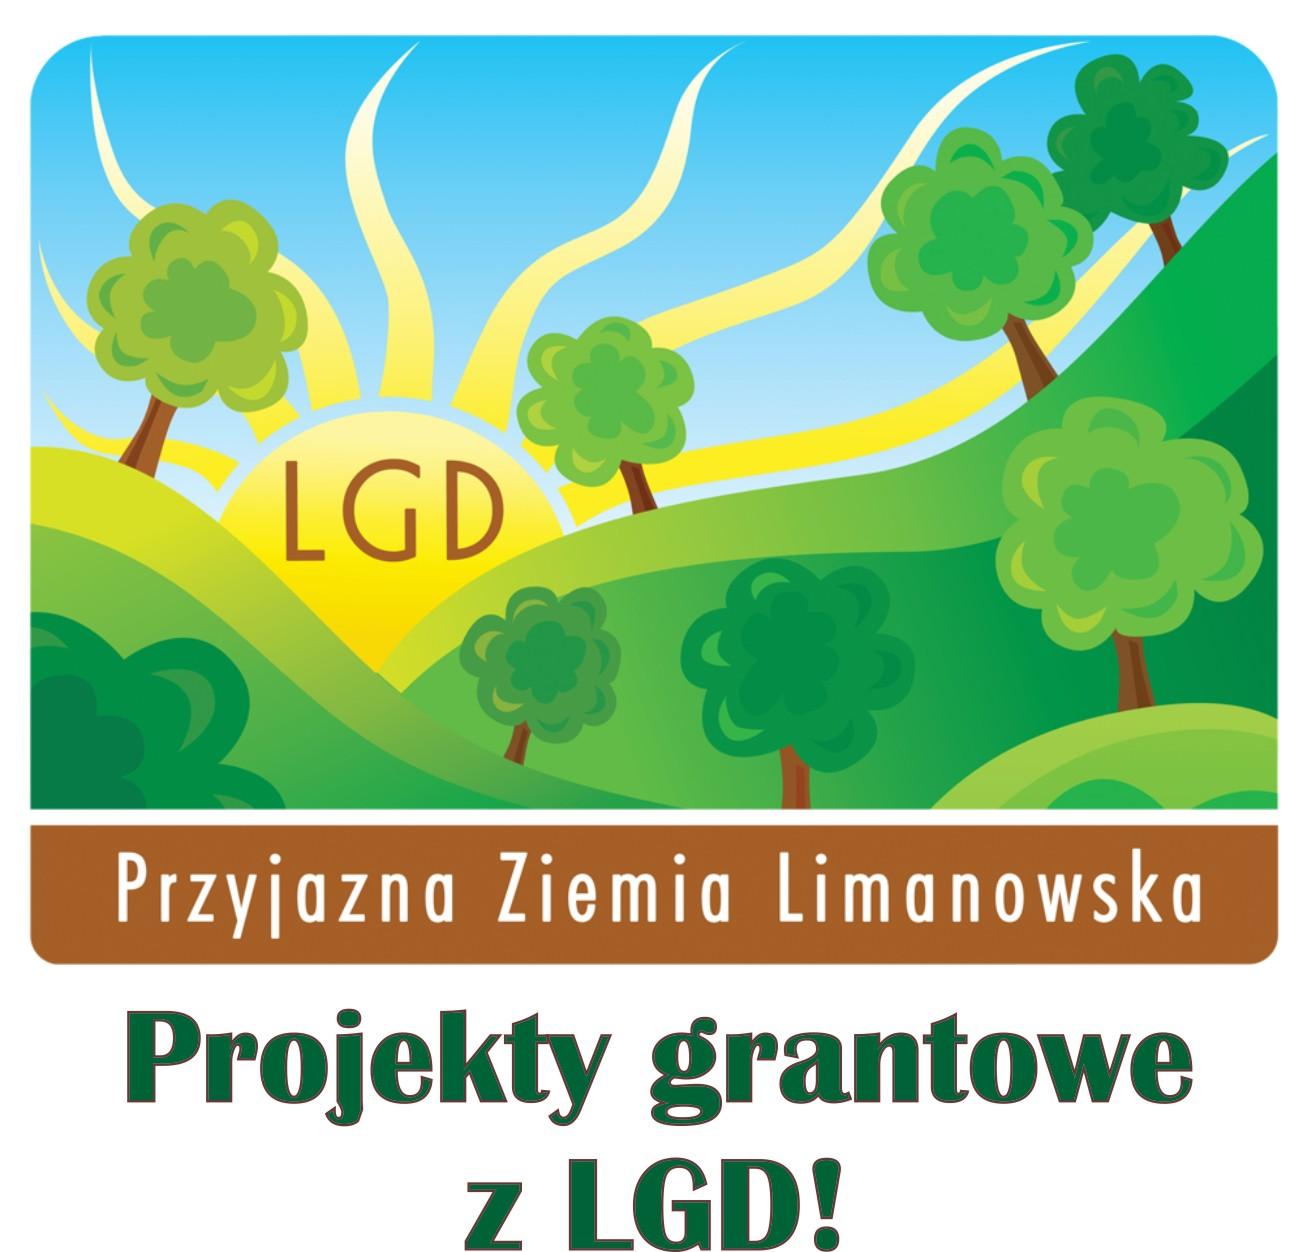 Szansa  na granty z LGD - zdjęcie główne